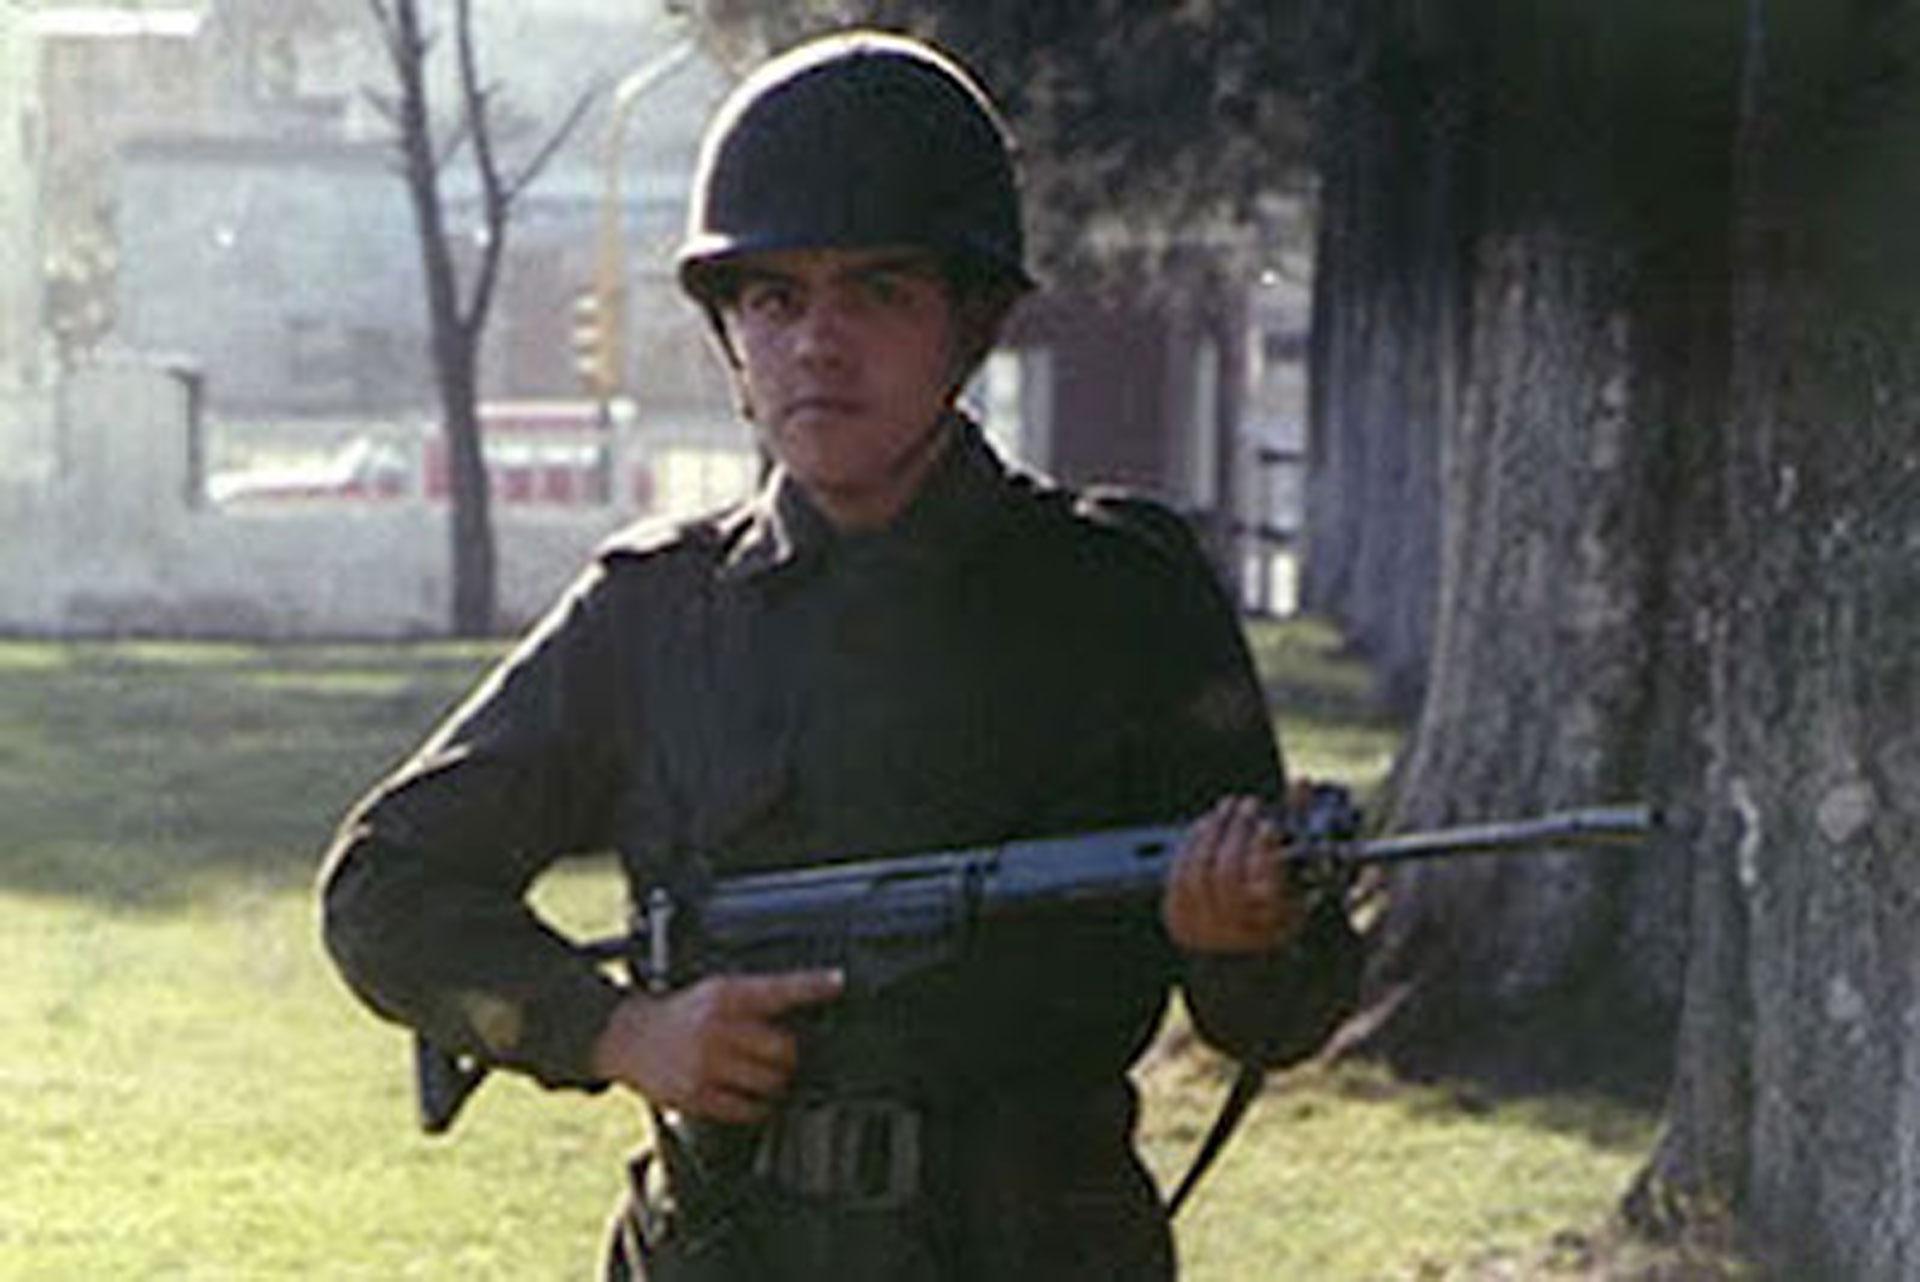 Julio Rubén Cao murió a los 21 años en la batalla de Monte Longdon el 10 de junio de 1982